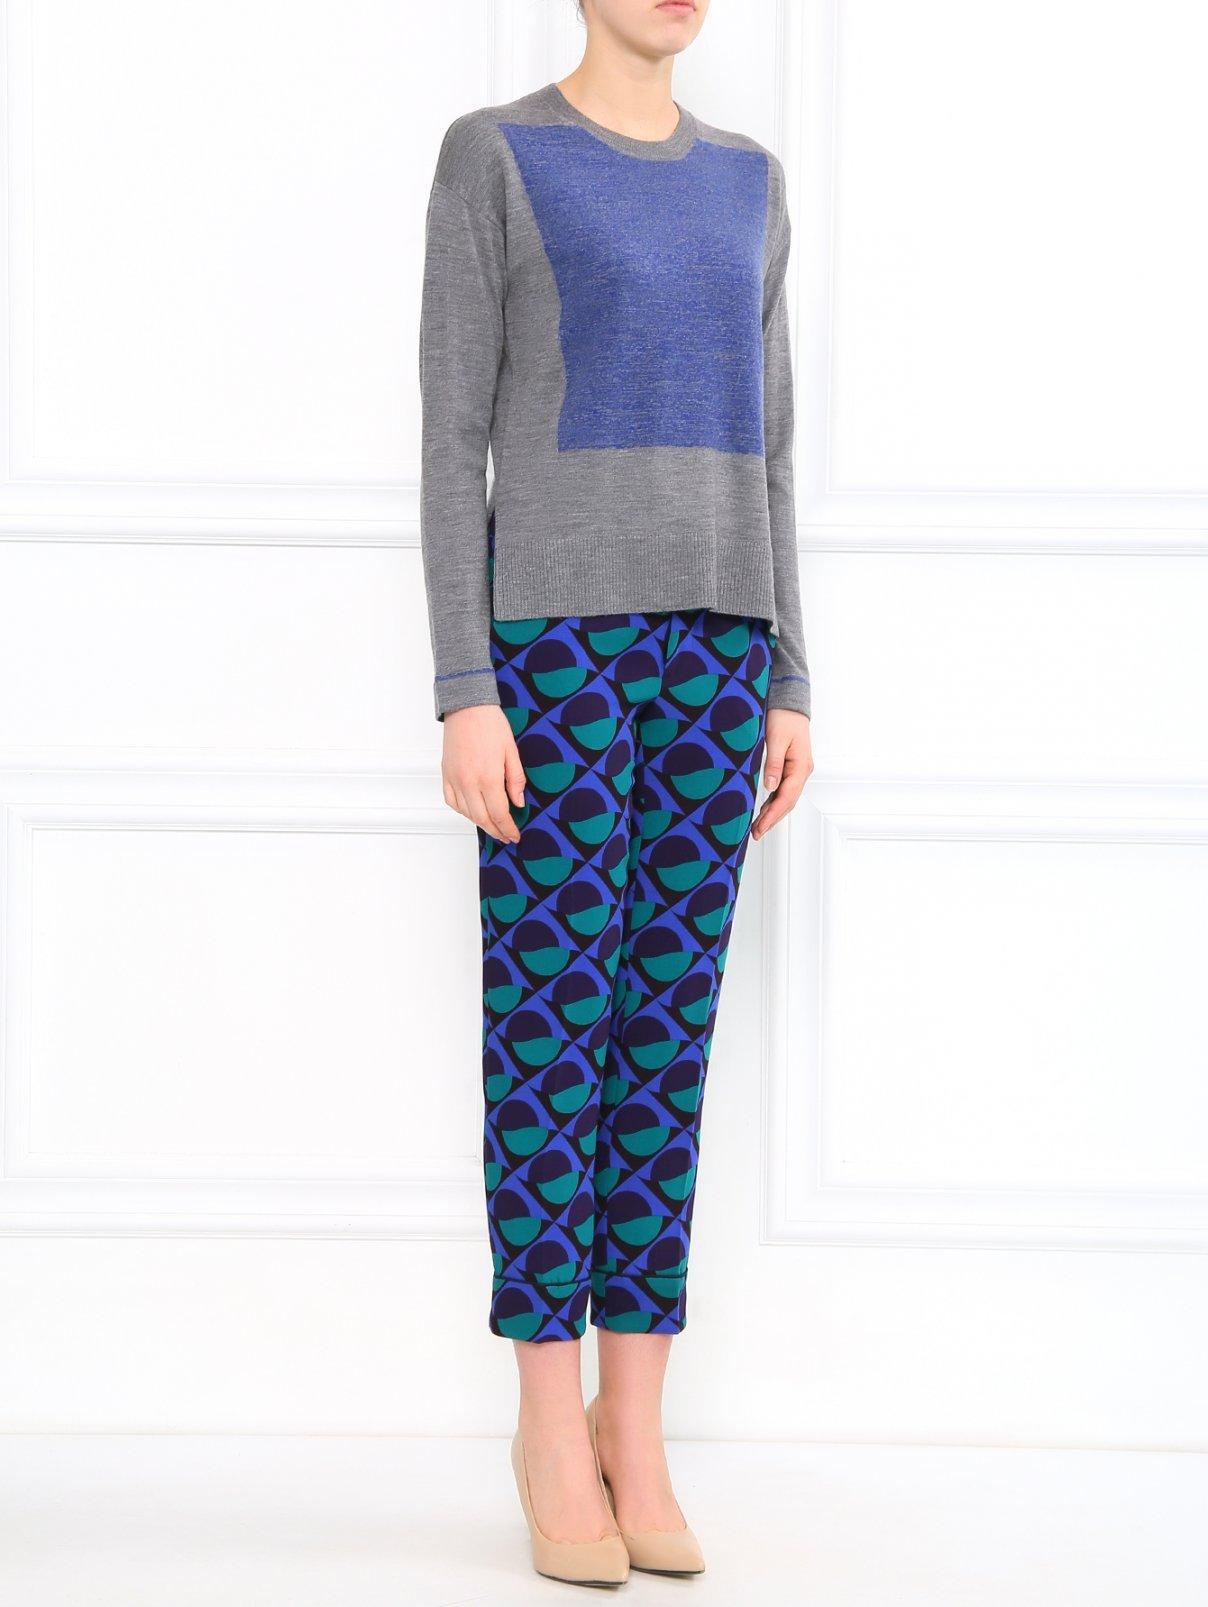 Укороченные брюки с геометричным узором Marc by Marc Jacobs  –  Модель Общий вид  – Цвет:  Узор